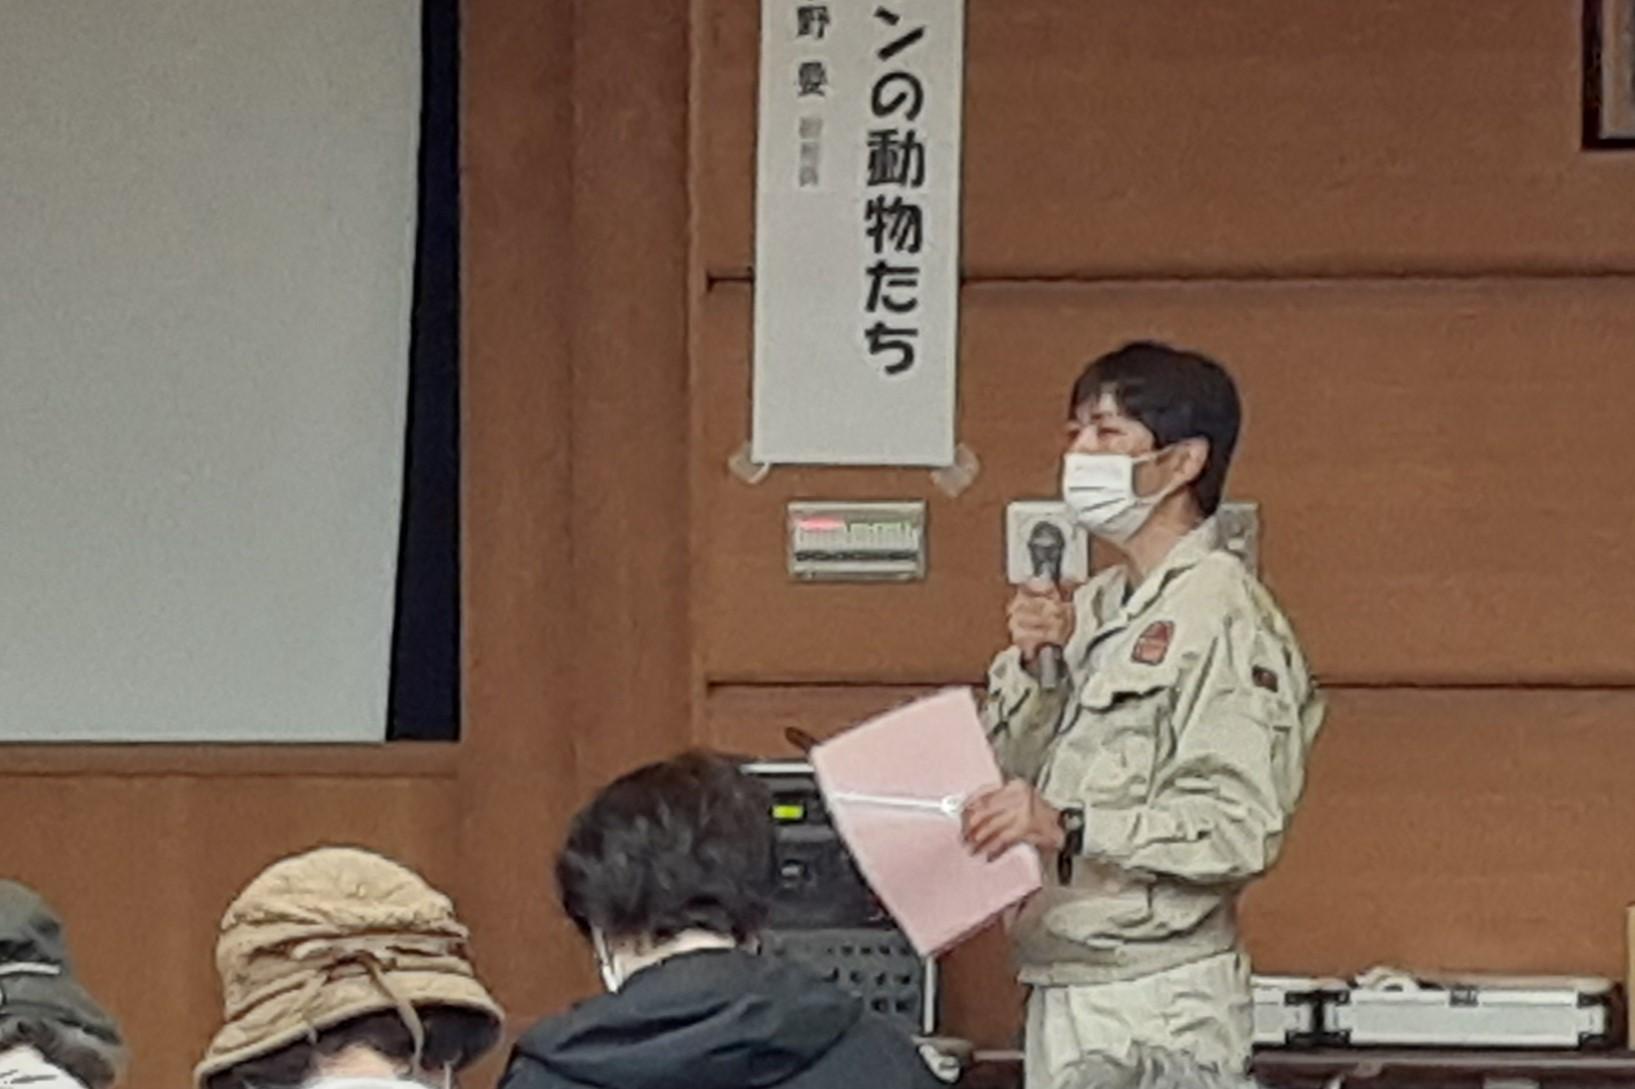 公開講座「日本ゾーンの動物たち」を開催しました。